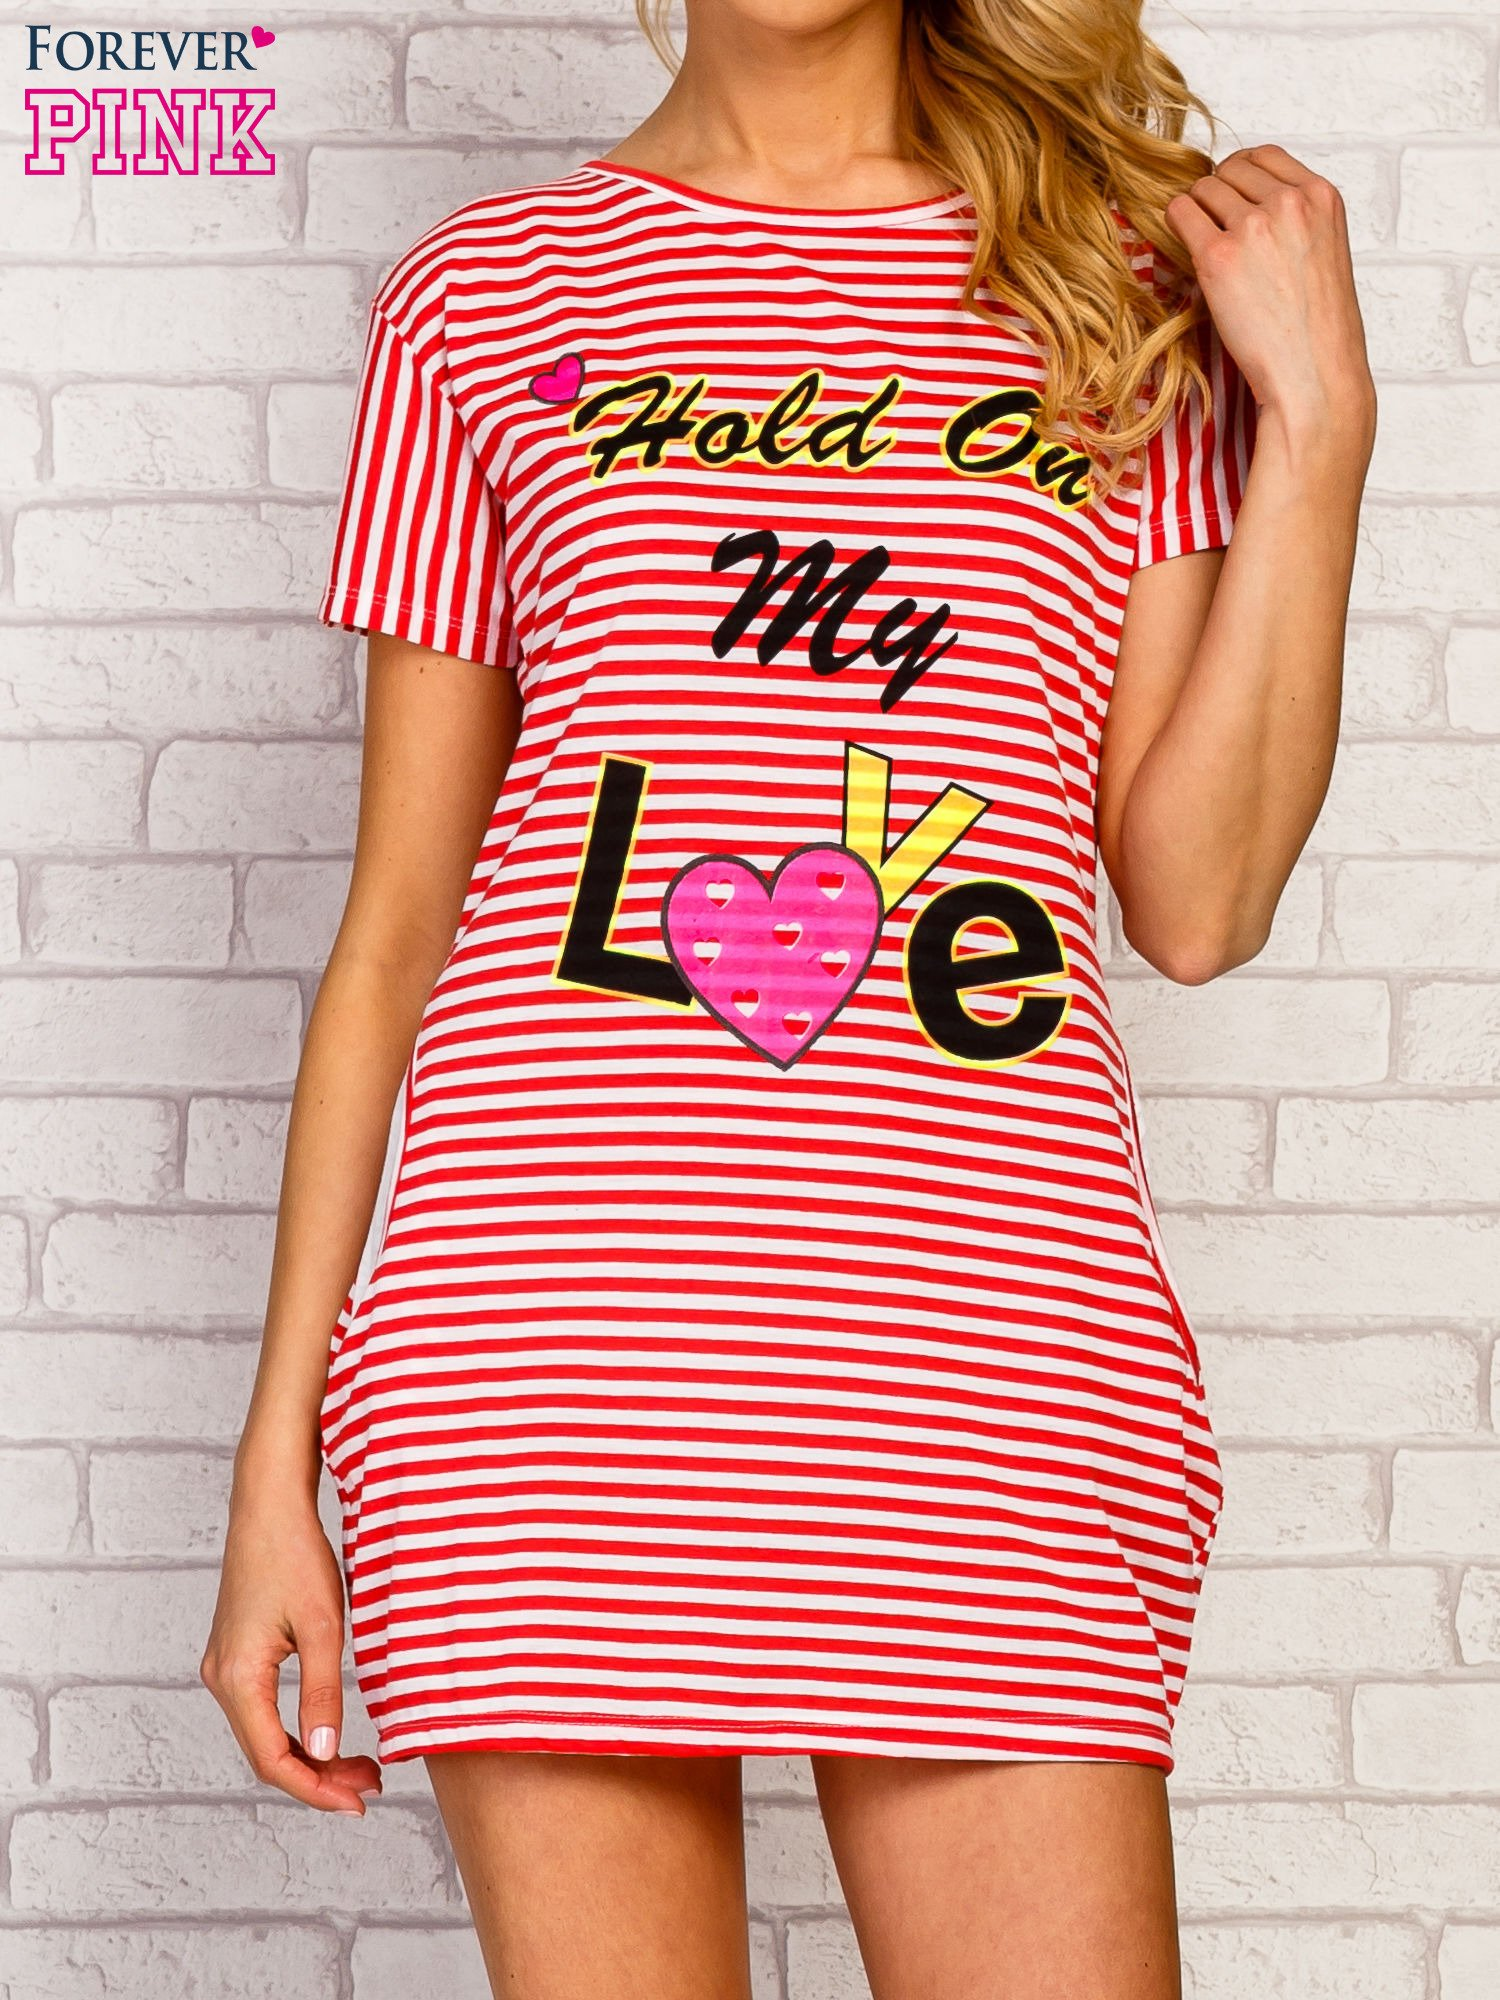 Czerwona sukienka paski z napisem HOLD ON MY LOVE                                   zdj.                                  1